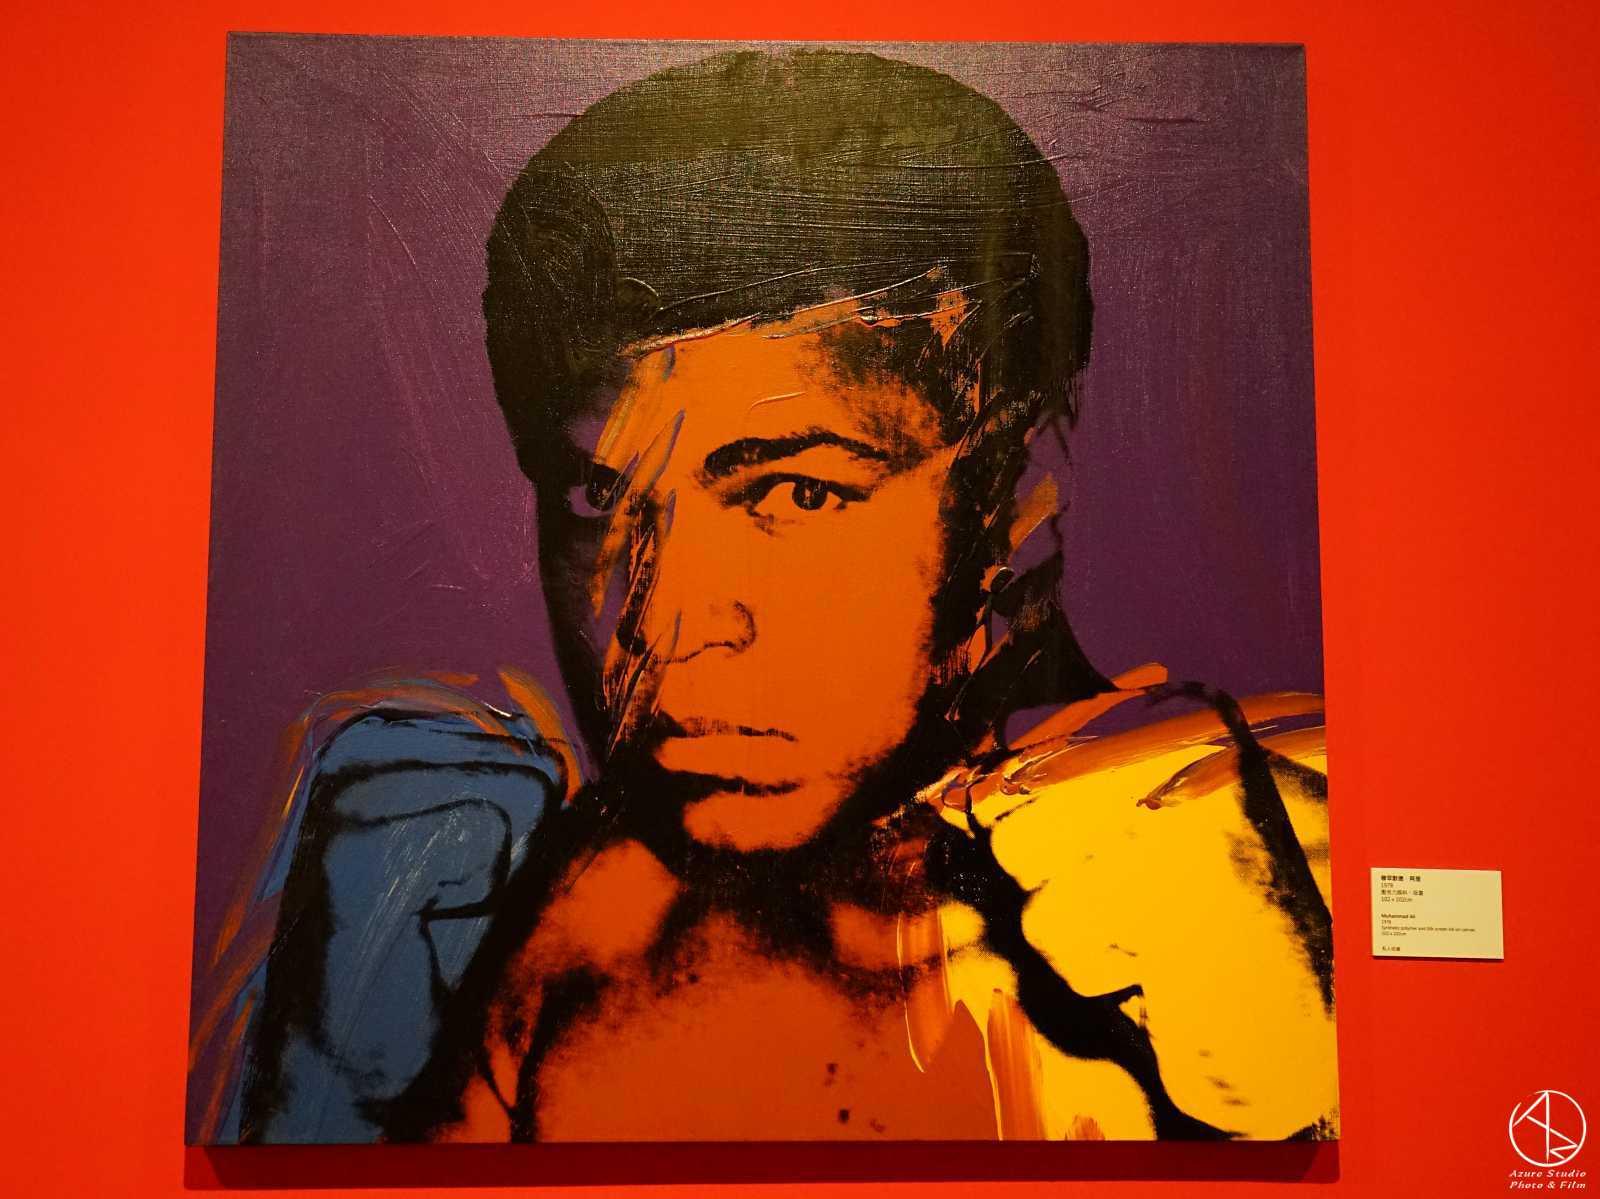 安迪沃荷普普狂想特展,看展心得,必看重點,人物肖像區,阿里肖像